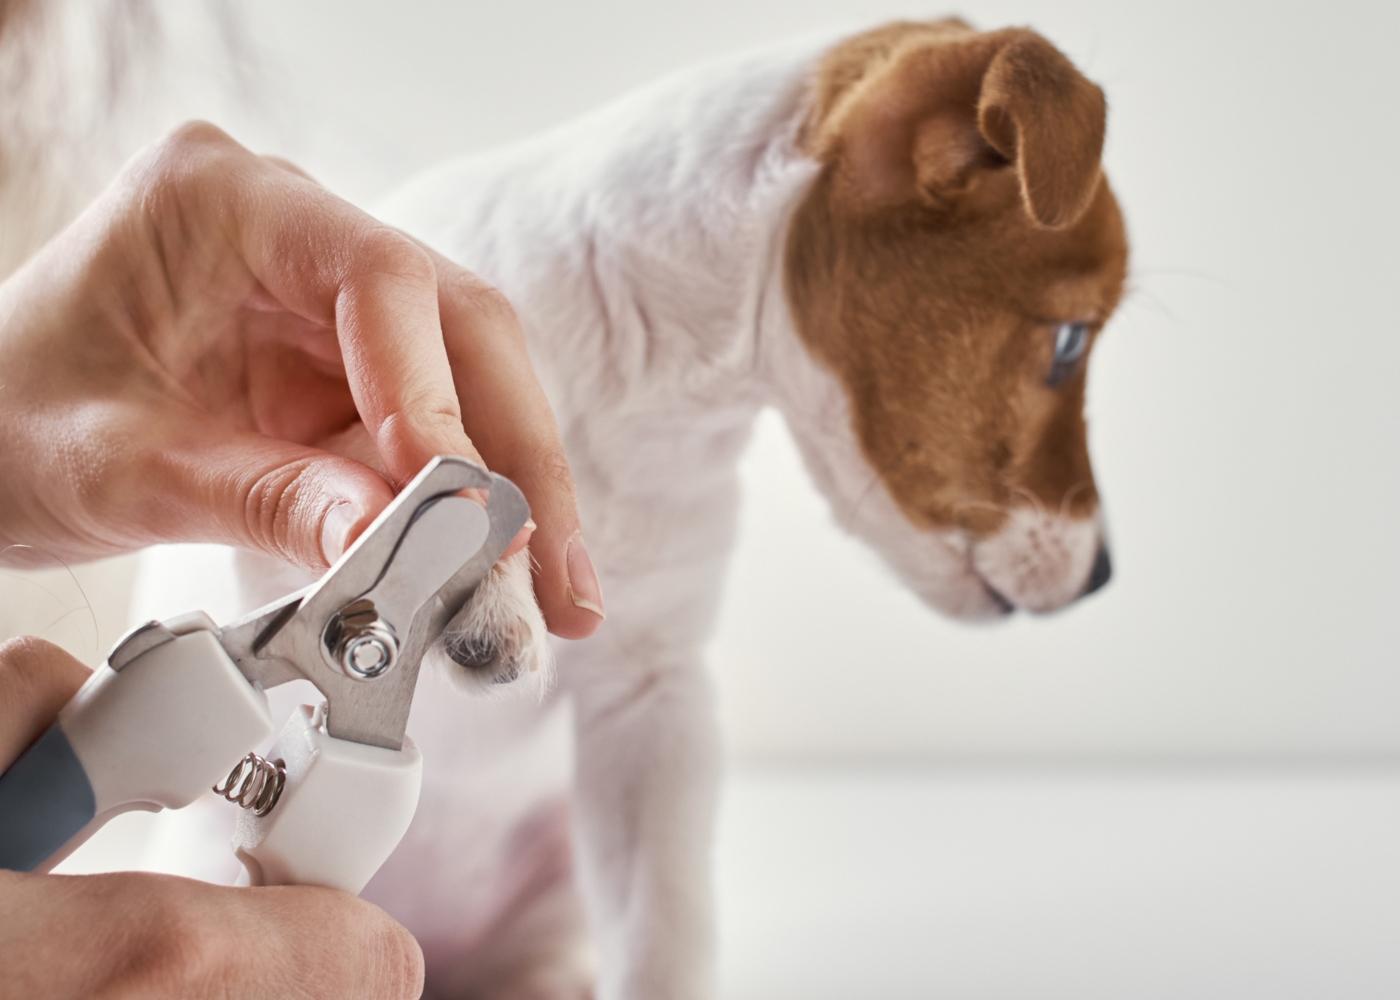 Tutora a cortar unhas a cachorro